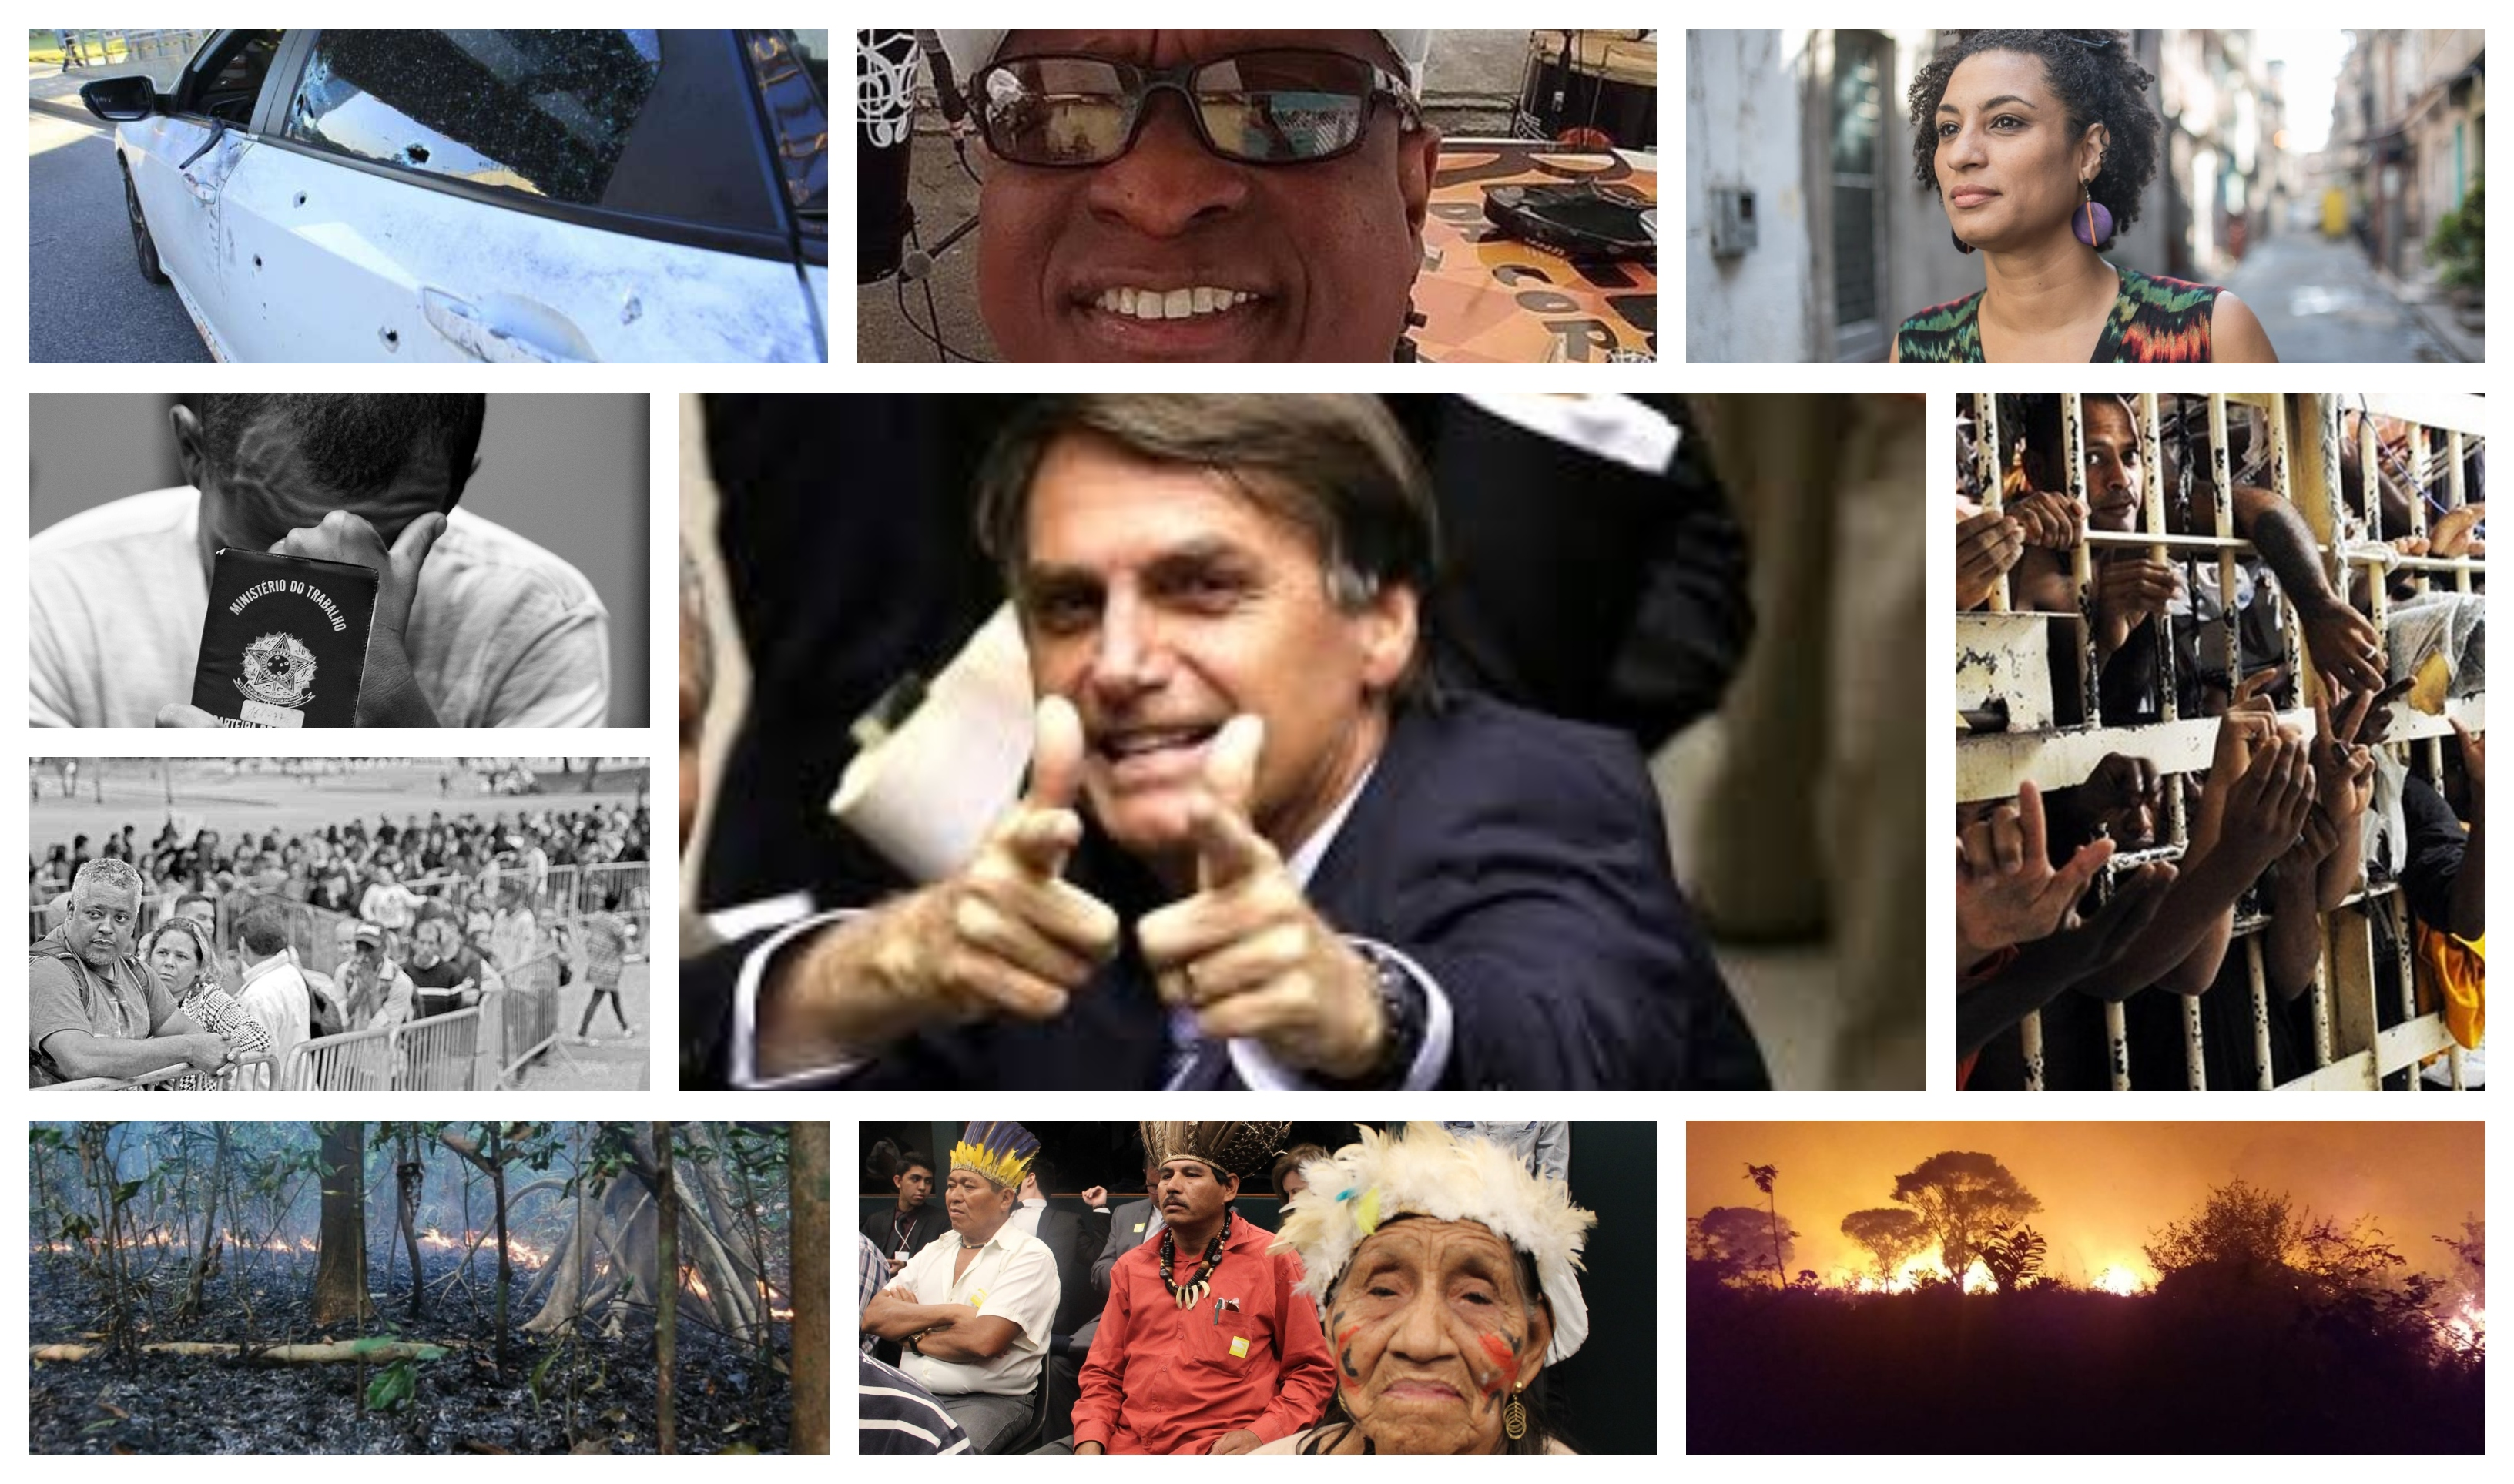 Deputados apresentam na ONU relatório sobre violações de direitos humanos no Brasil em 2019; leia íntegra